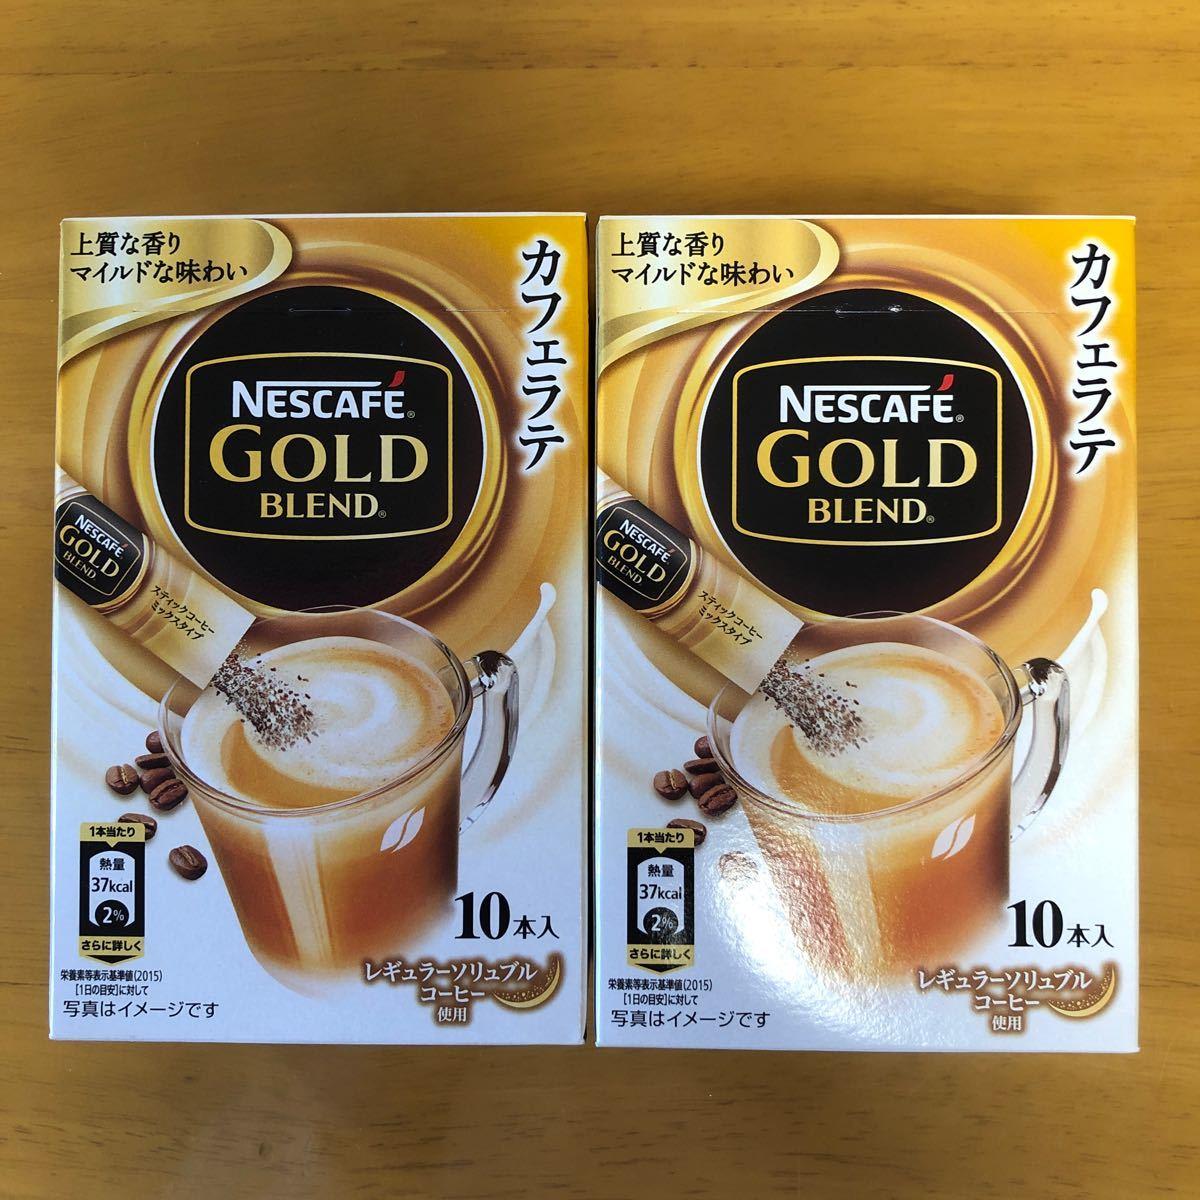 ネスカフェゴールドブレンド カフェラテ スティックコーヒー 20本